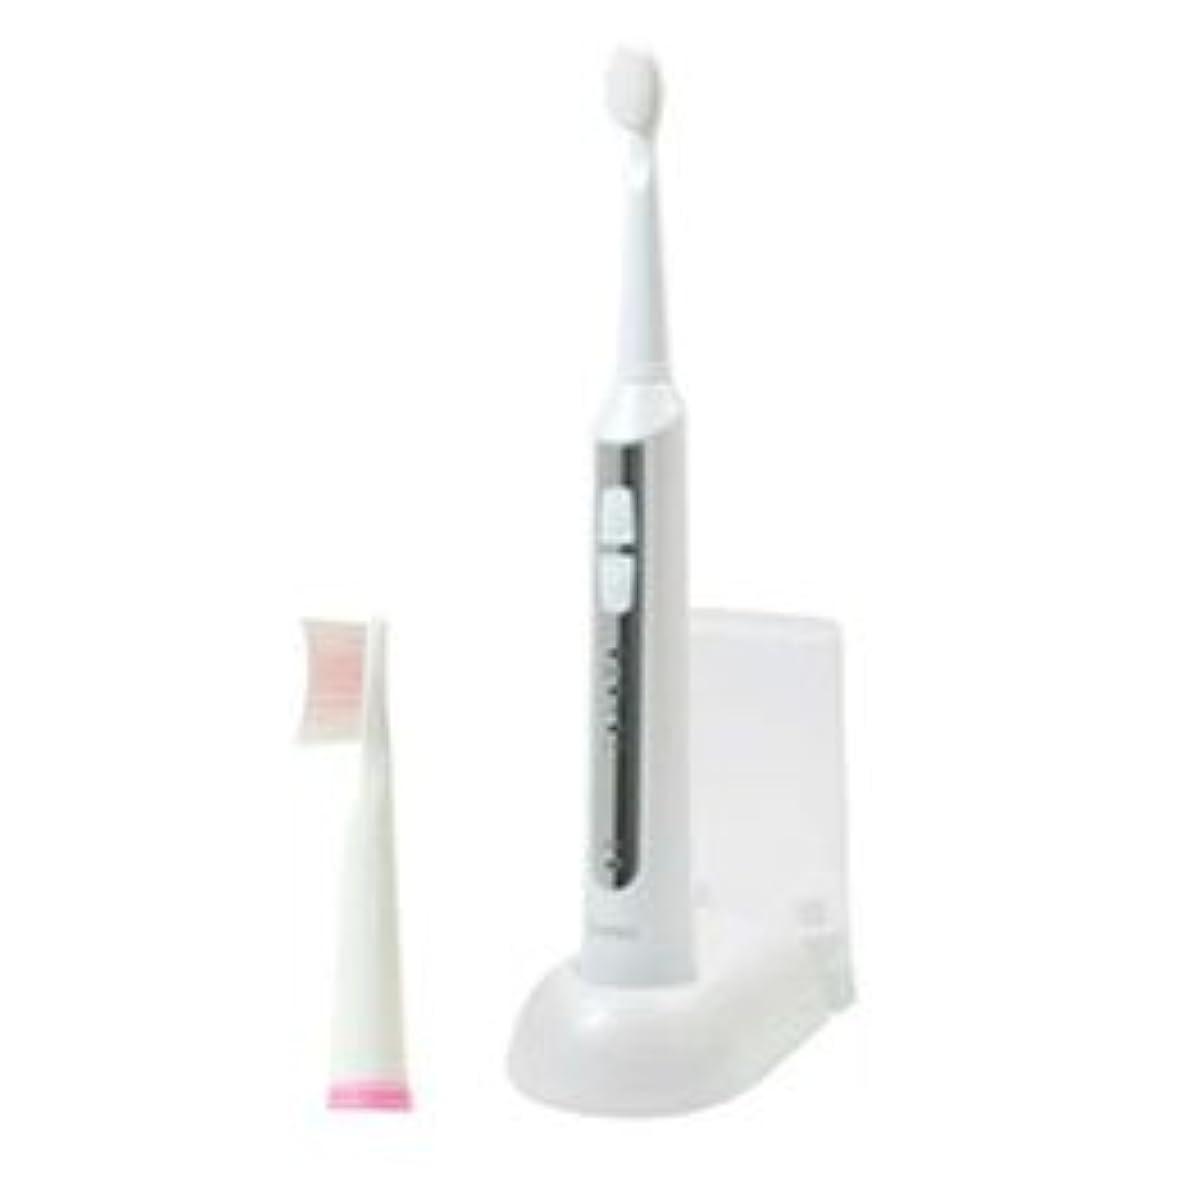 半円直面する怒っているDRETEC 音波式電動歯ブラシ 高速振動と選べる振動モードでしっかり磨ける ホワイト TB-500